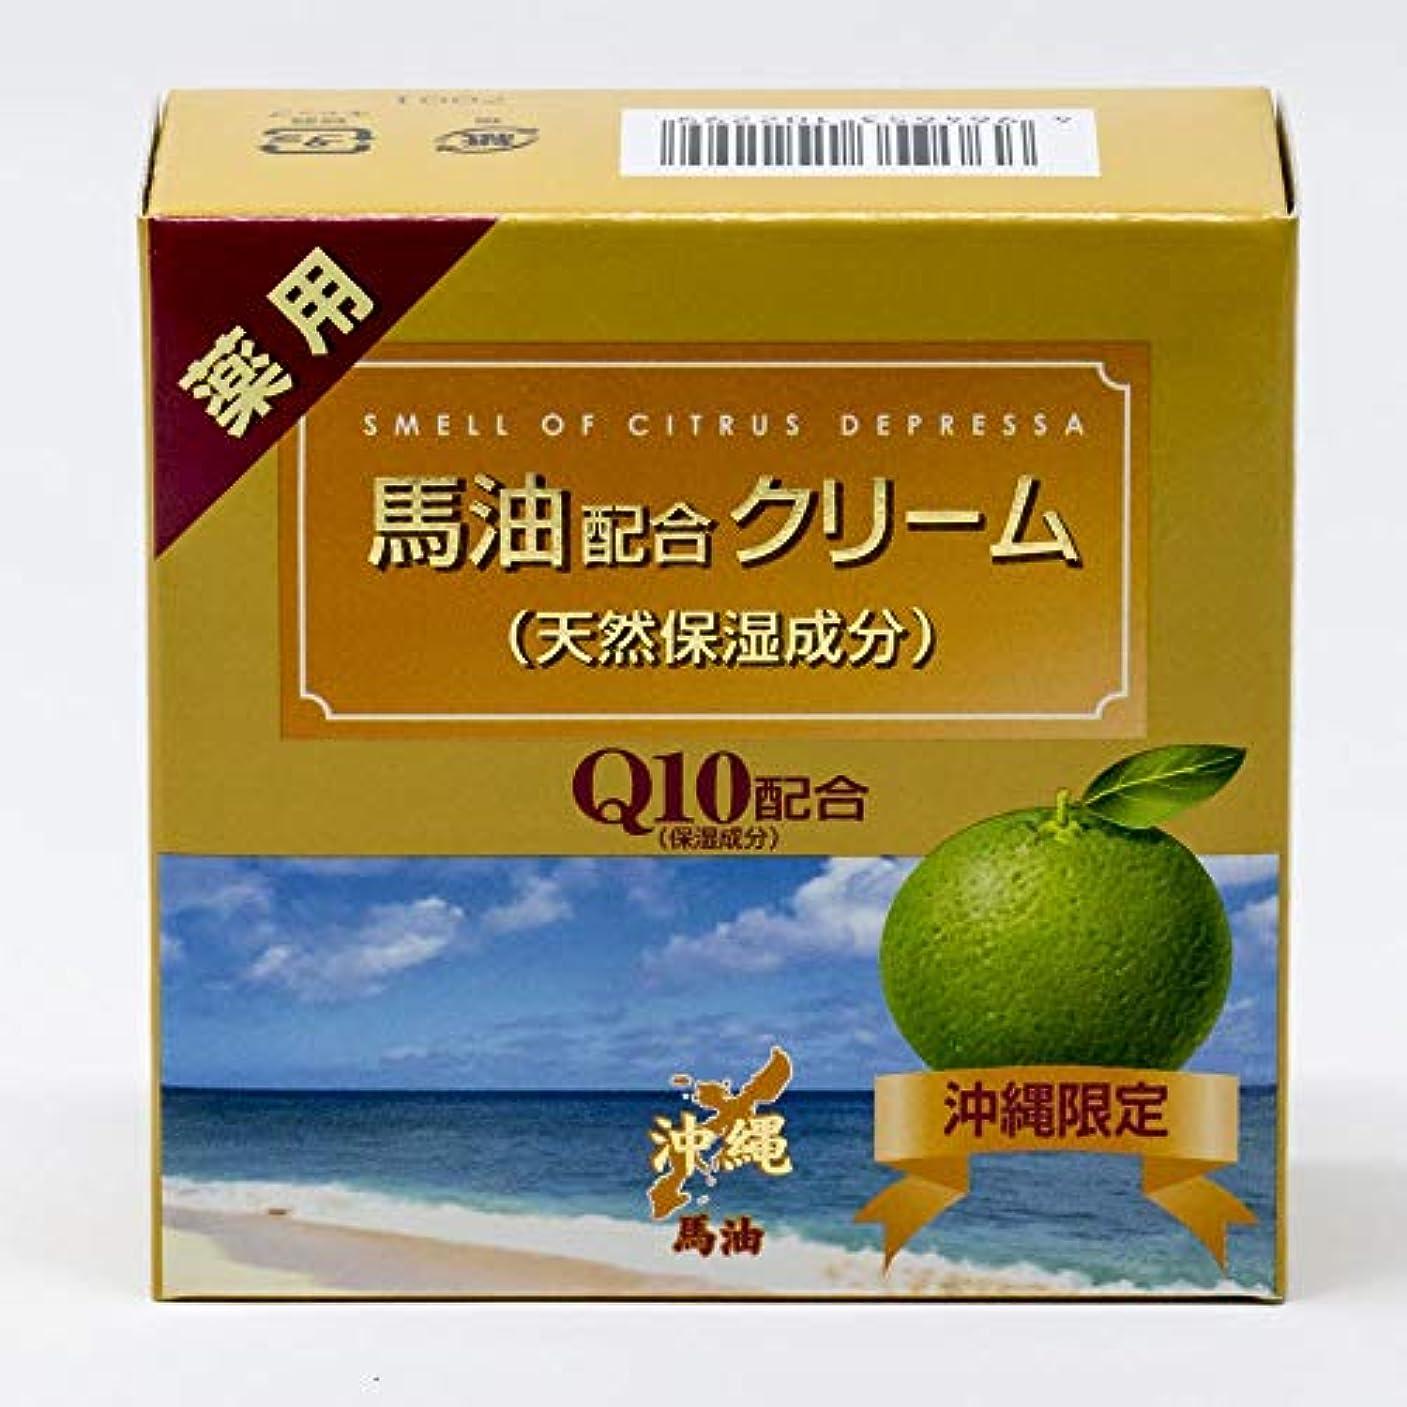 いつか針恐怖症薬用 馬油クリーム シークヮーサーの香り Q10配合(沖縄限定)